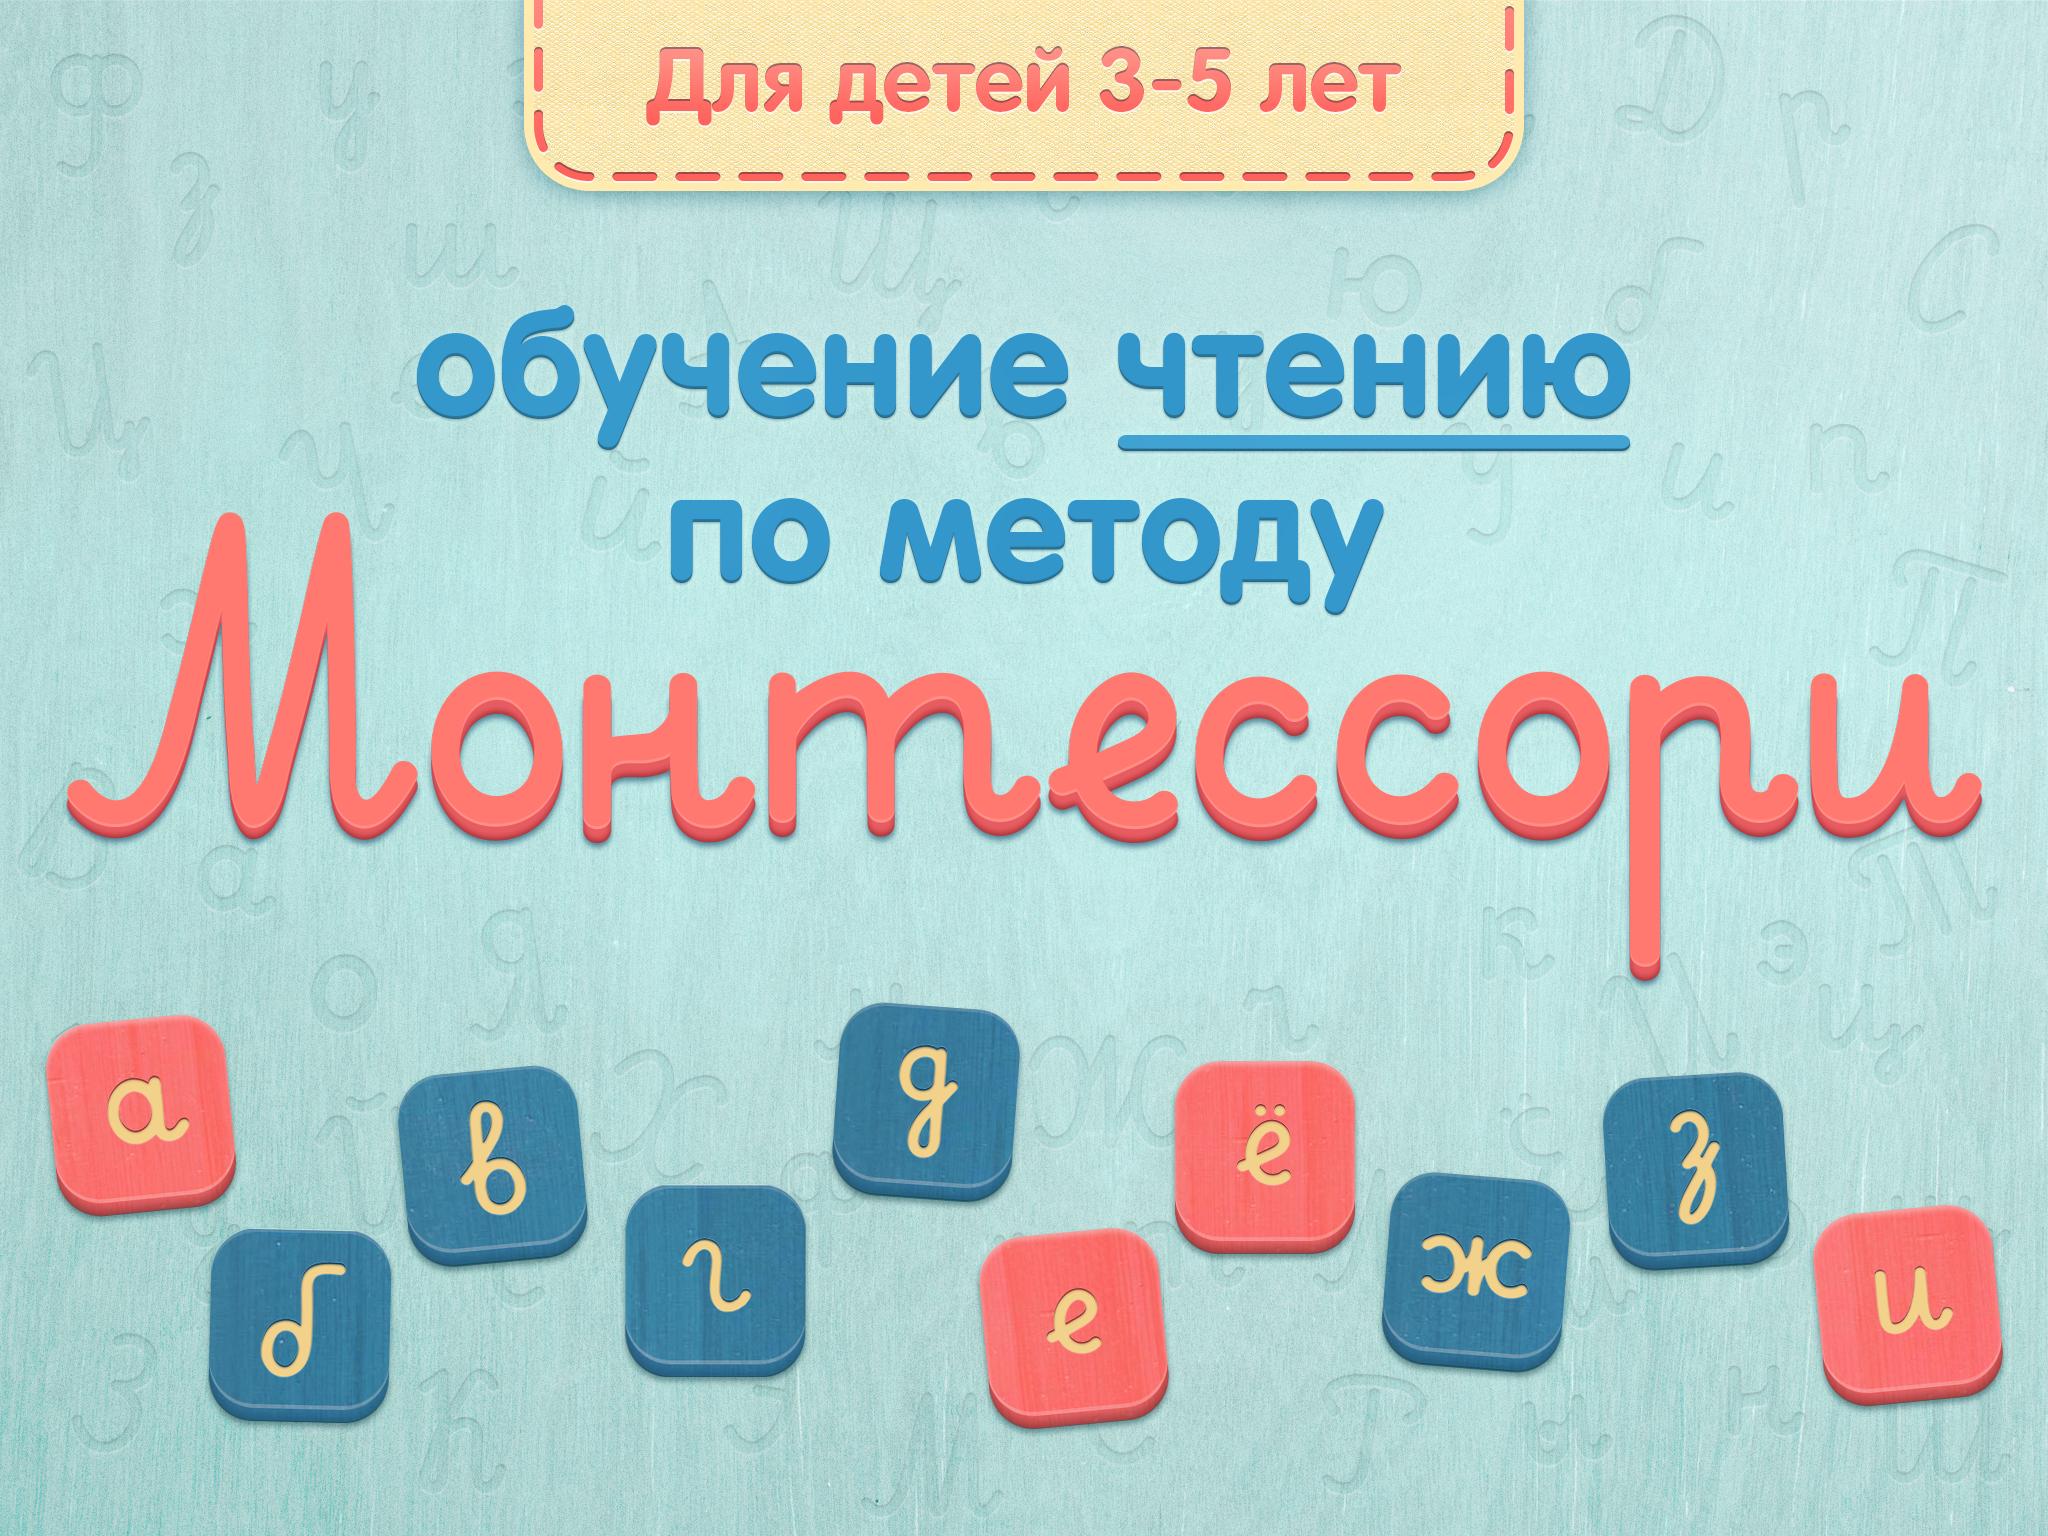 Скачать программу обучения чтению дошкольников бесплатно обучение программы сирена бесплатно